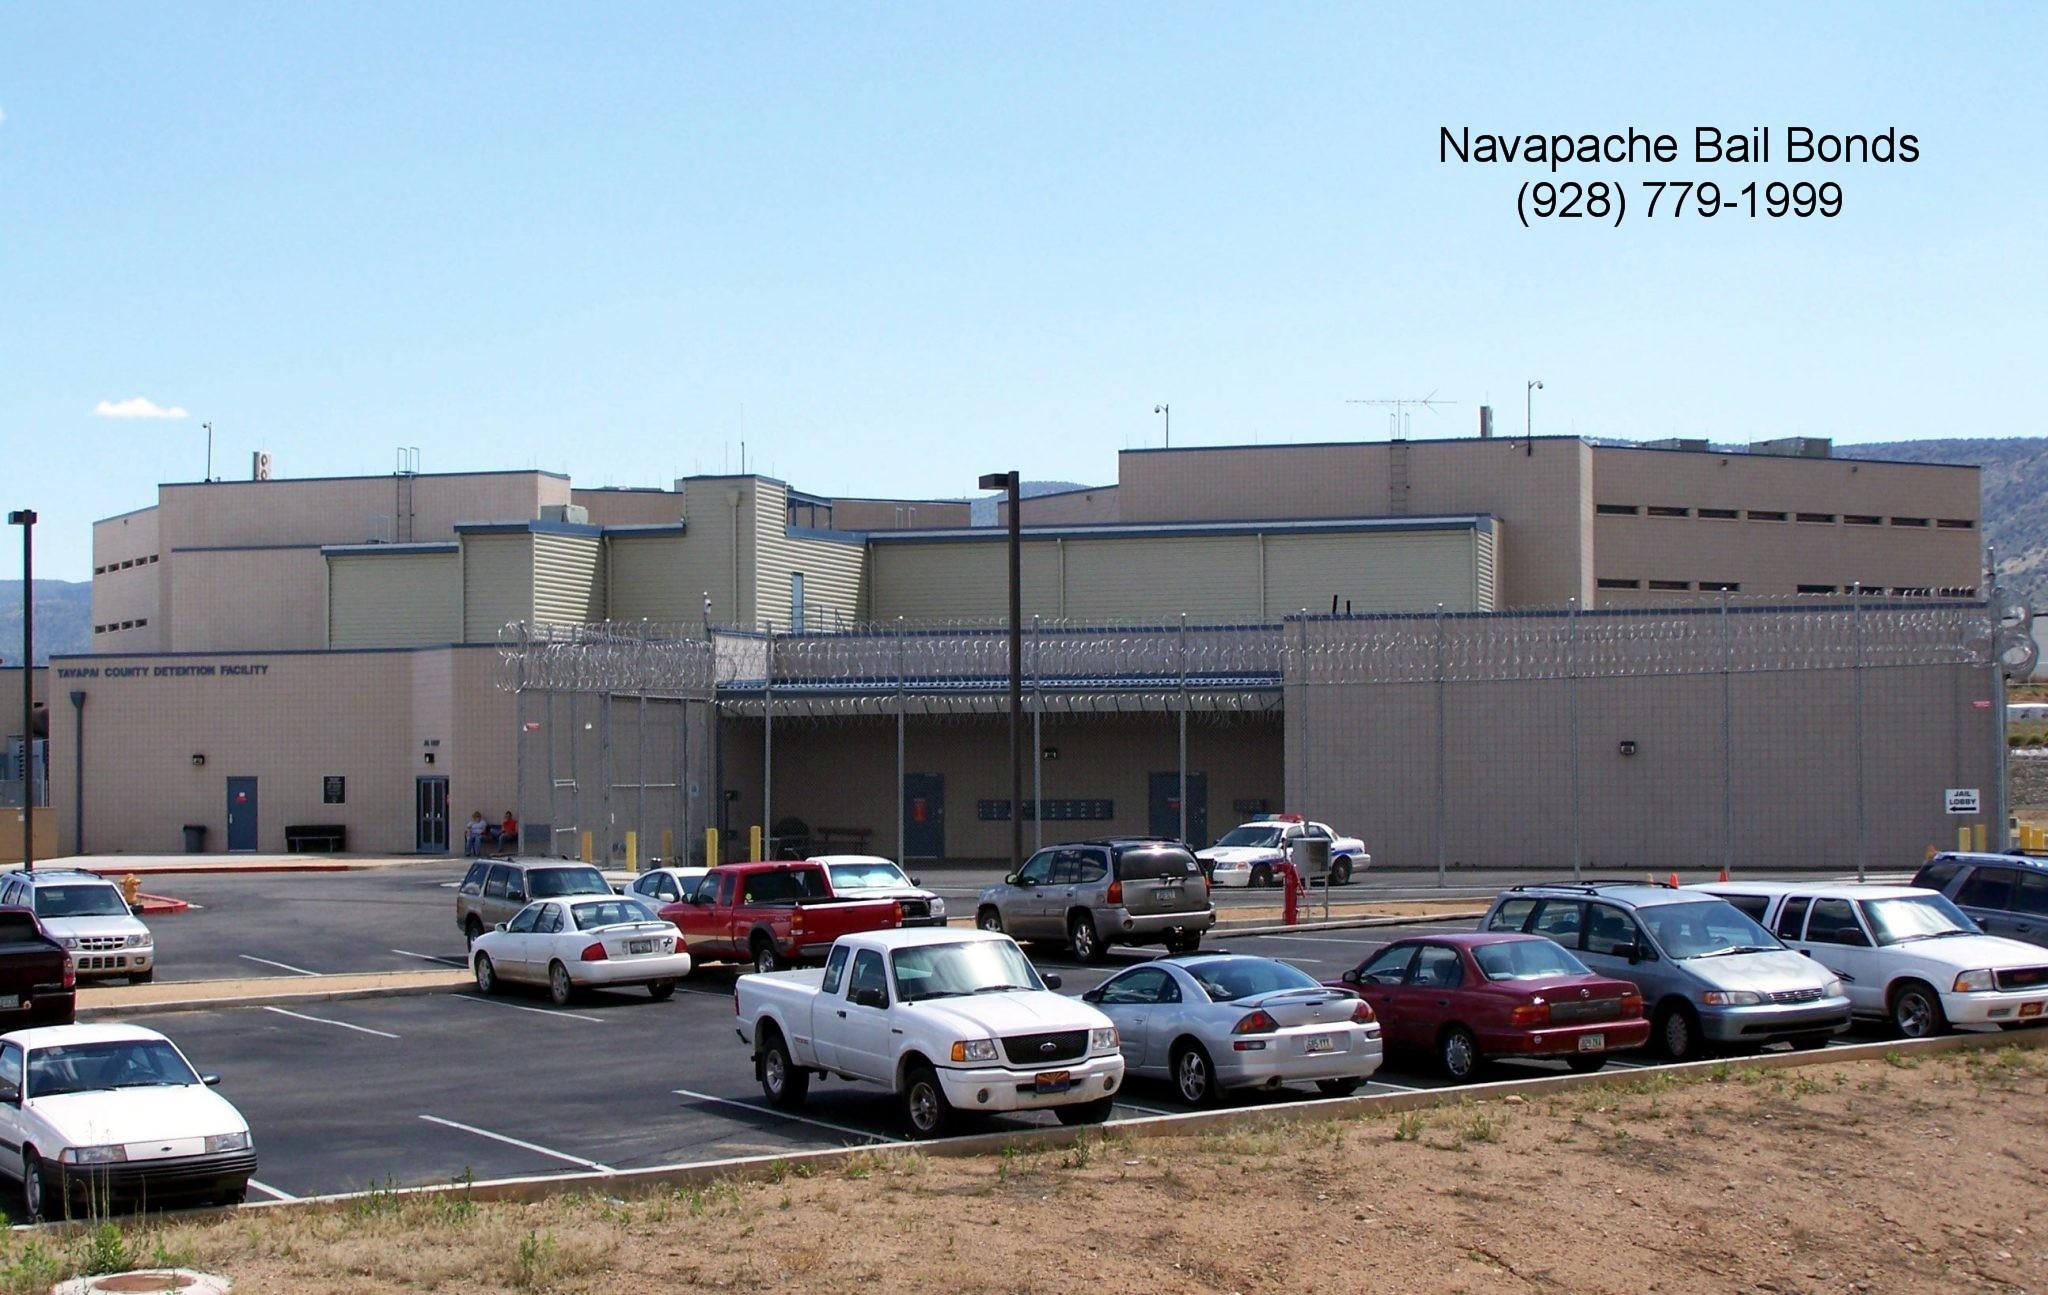 Arizona yavapai county yarnell - Yavapai County Jail Camp Verde Jail Yavapaicounty Sheriff Navapache Bail Bonds